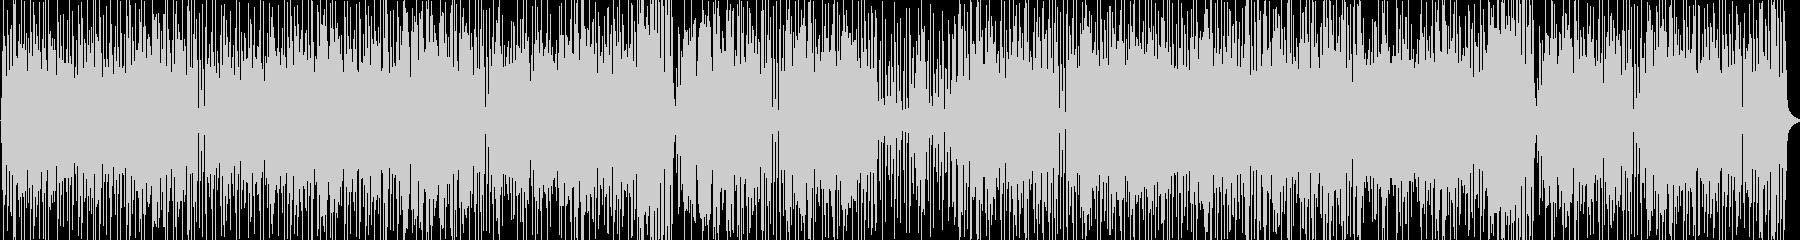 ハモンドオルガンメインのジャズファンクの未再生の波形